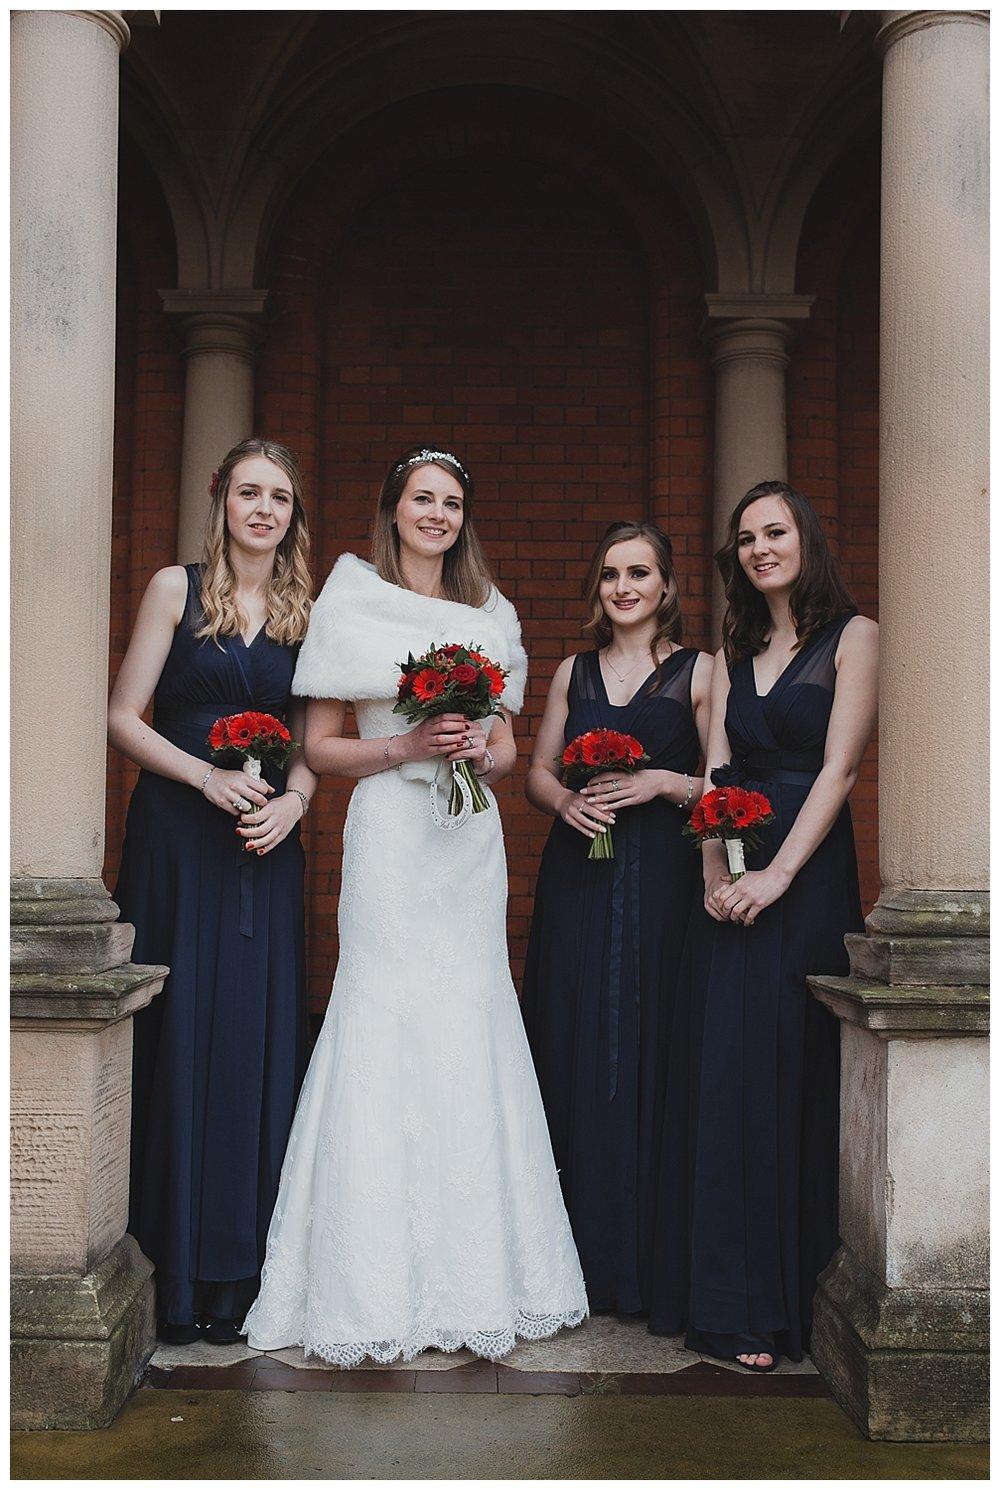 Bridesmaids and bride at a winter wedding at Crewe Hall.